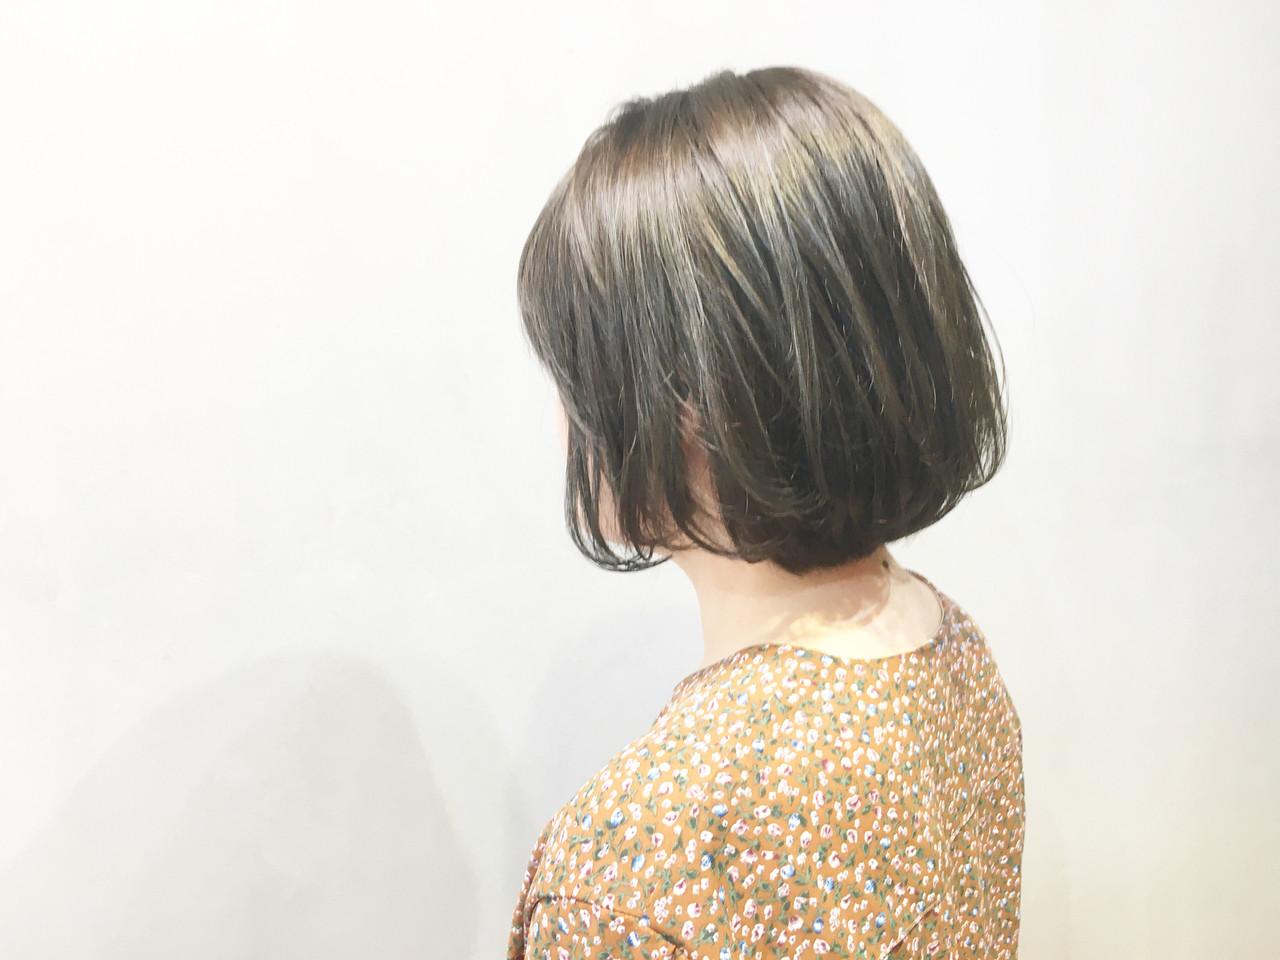 ミントアッシュ ブルージュ ハンサムショート ナチュラル ヘアスタイルや髪型の写真・画像